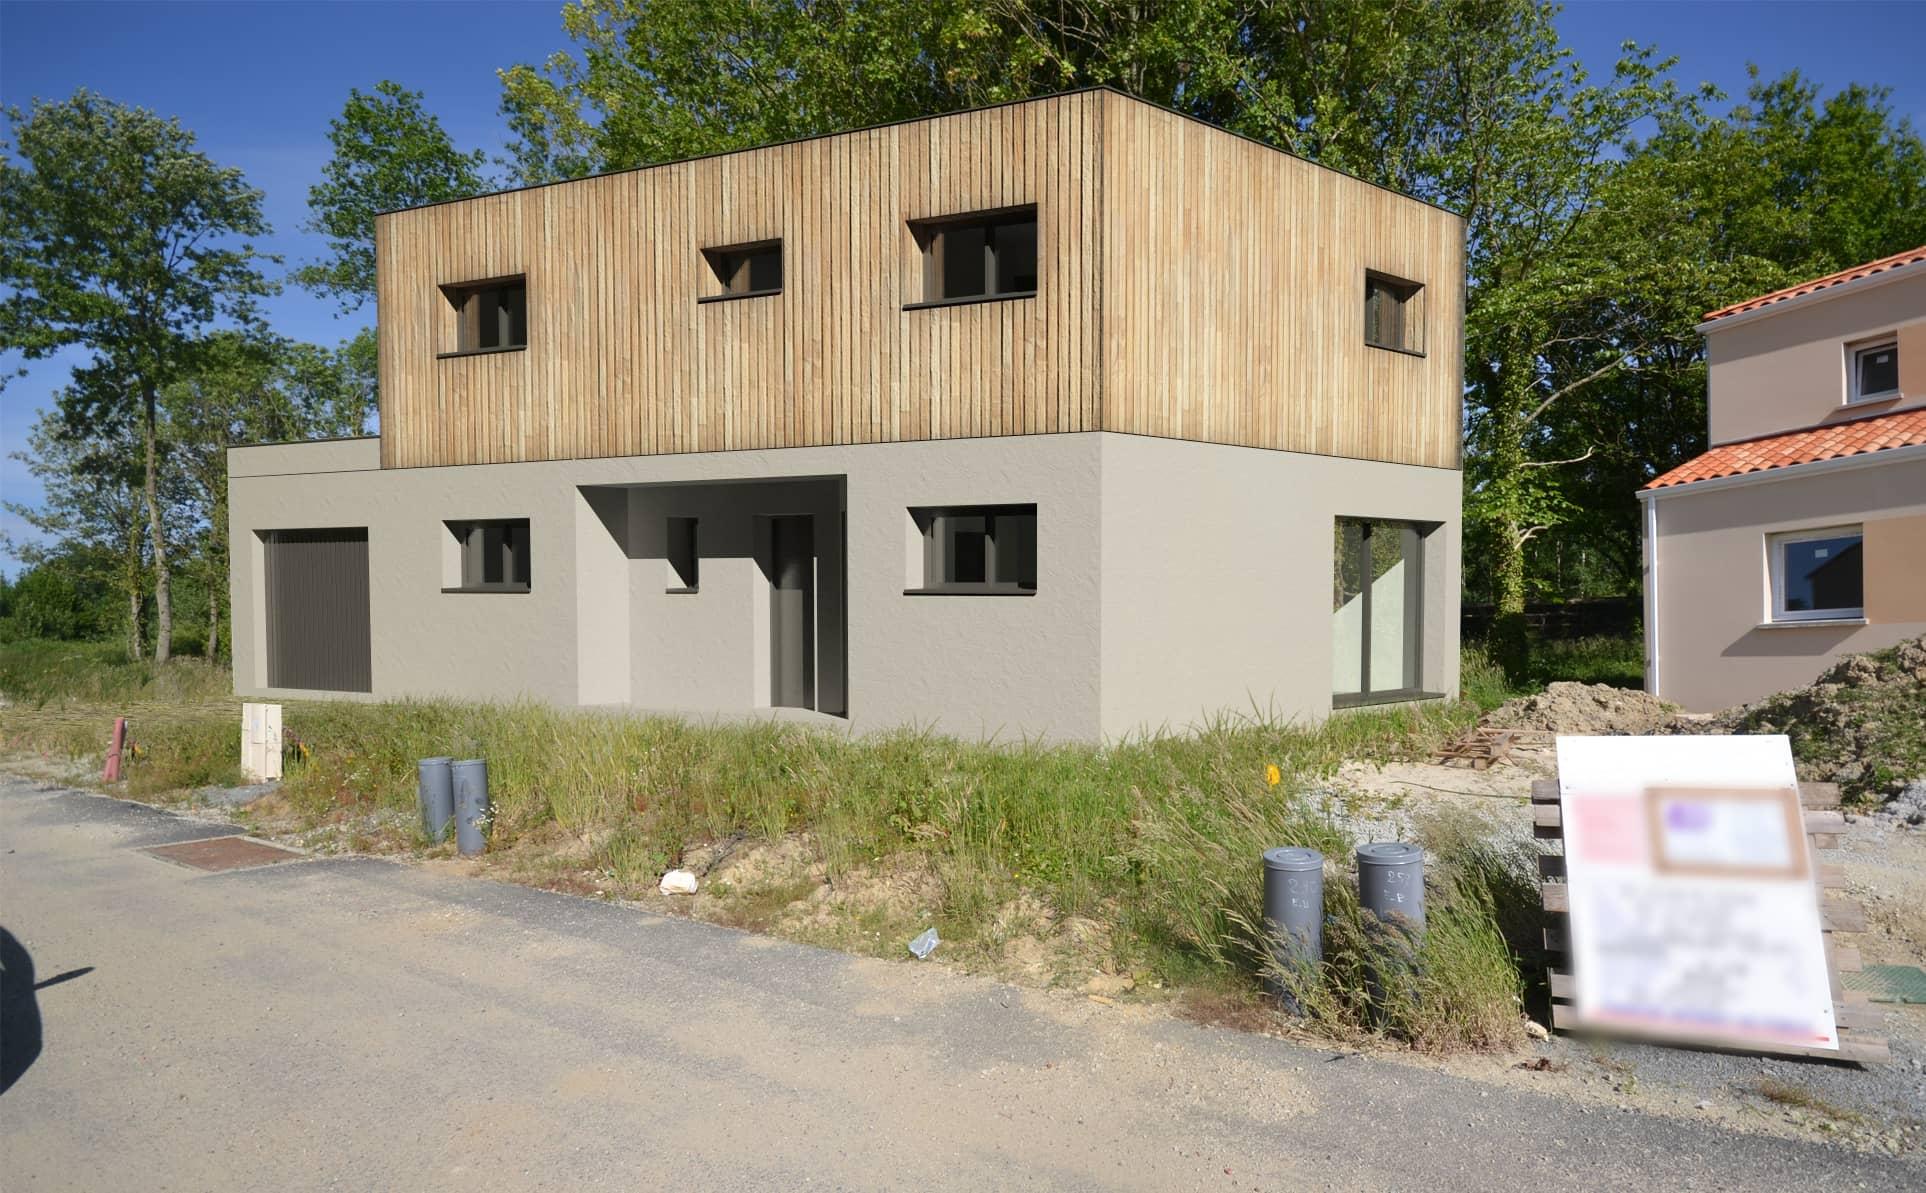 maison individuelle vertou - Maison individuelle RT2012 à Vertou, proche de Nantes (44)